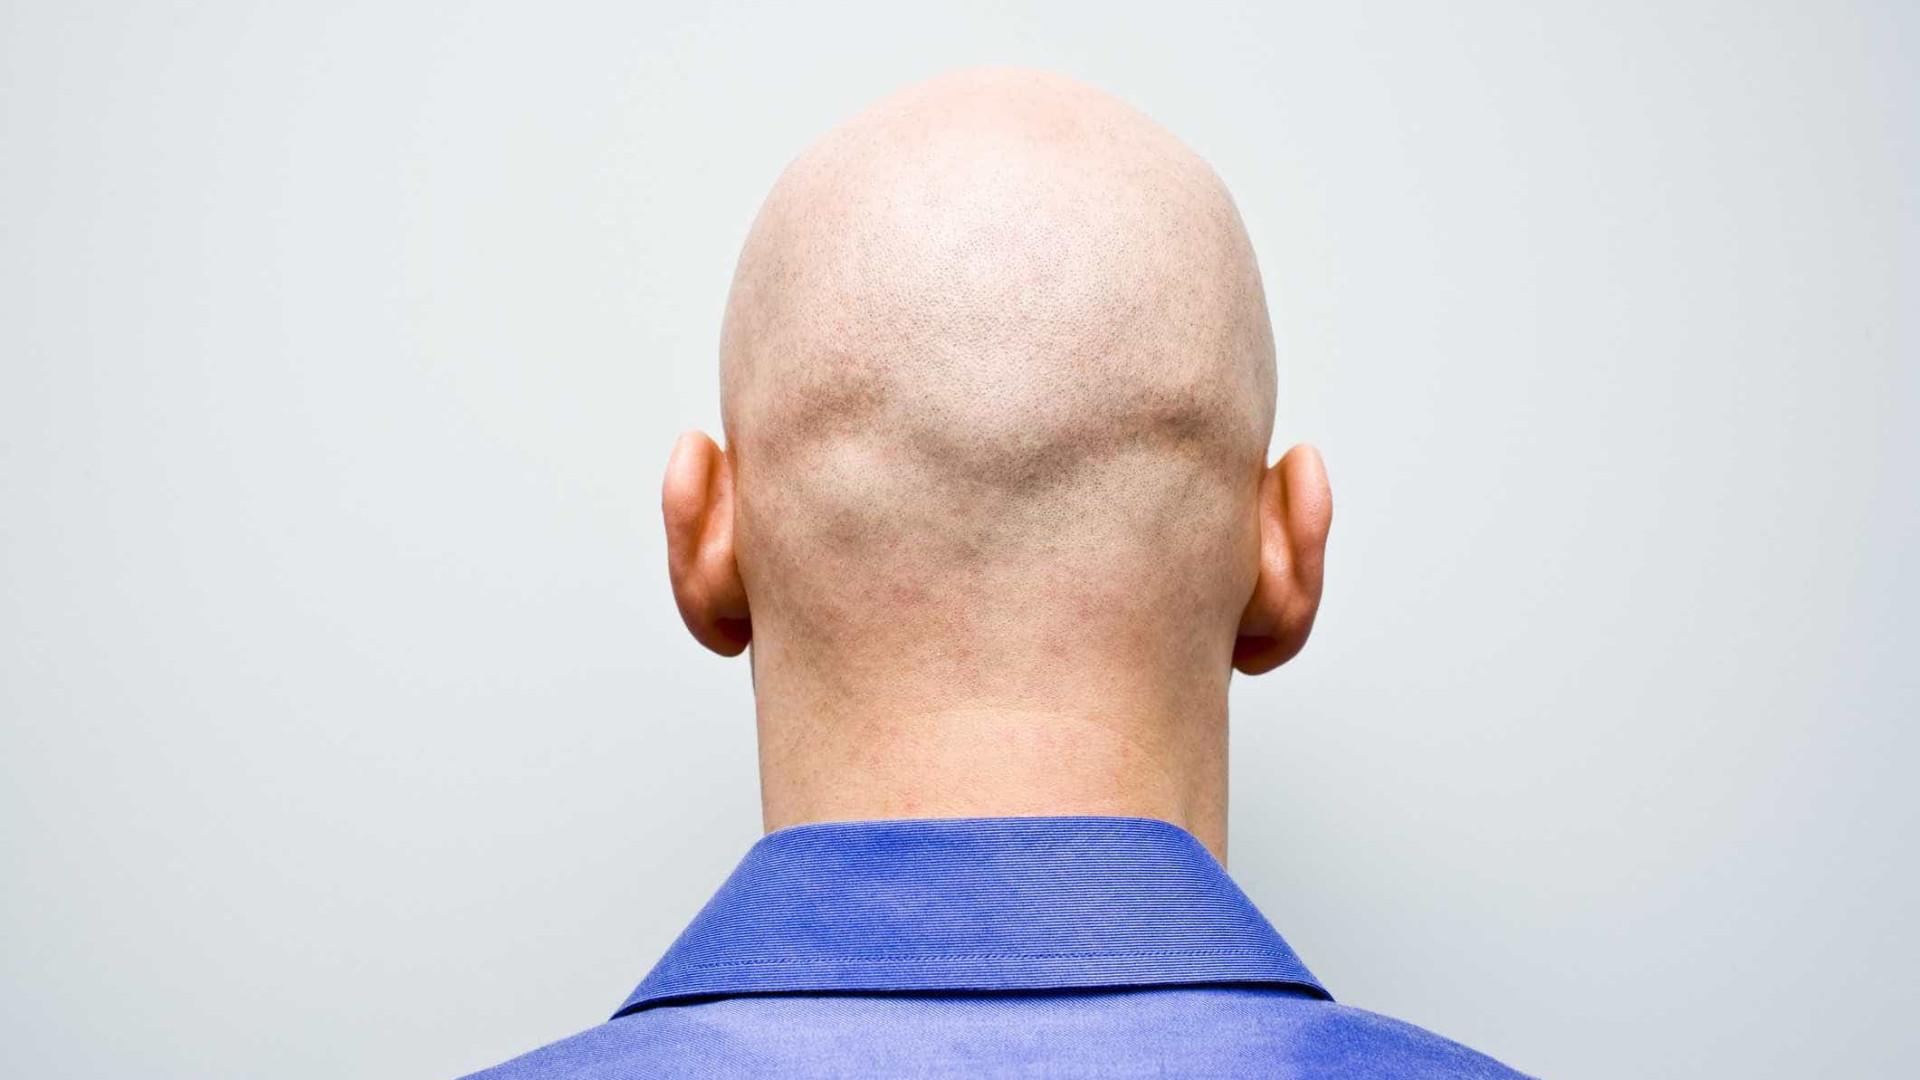 Mitos e verdades sobre os carecas que provavelmente não sabia